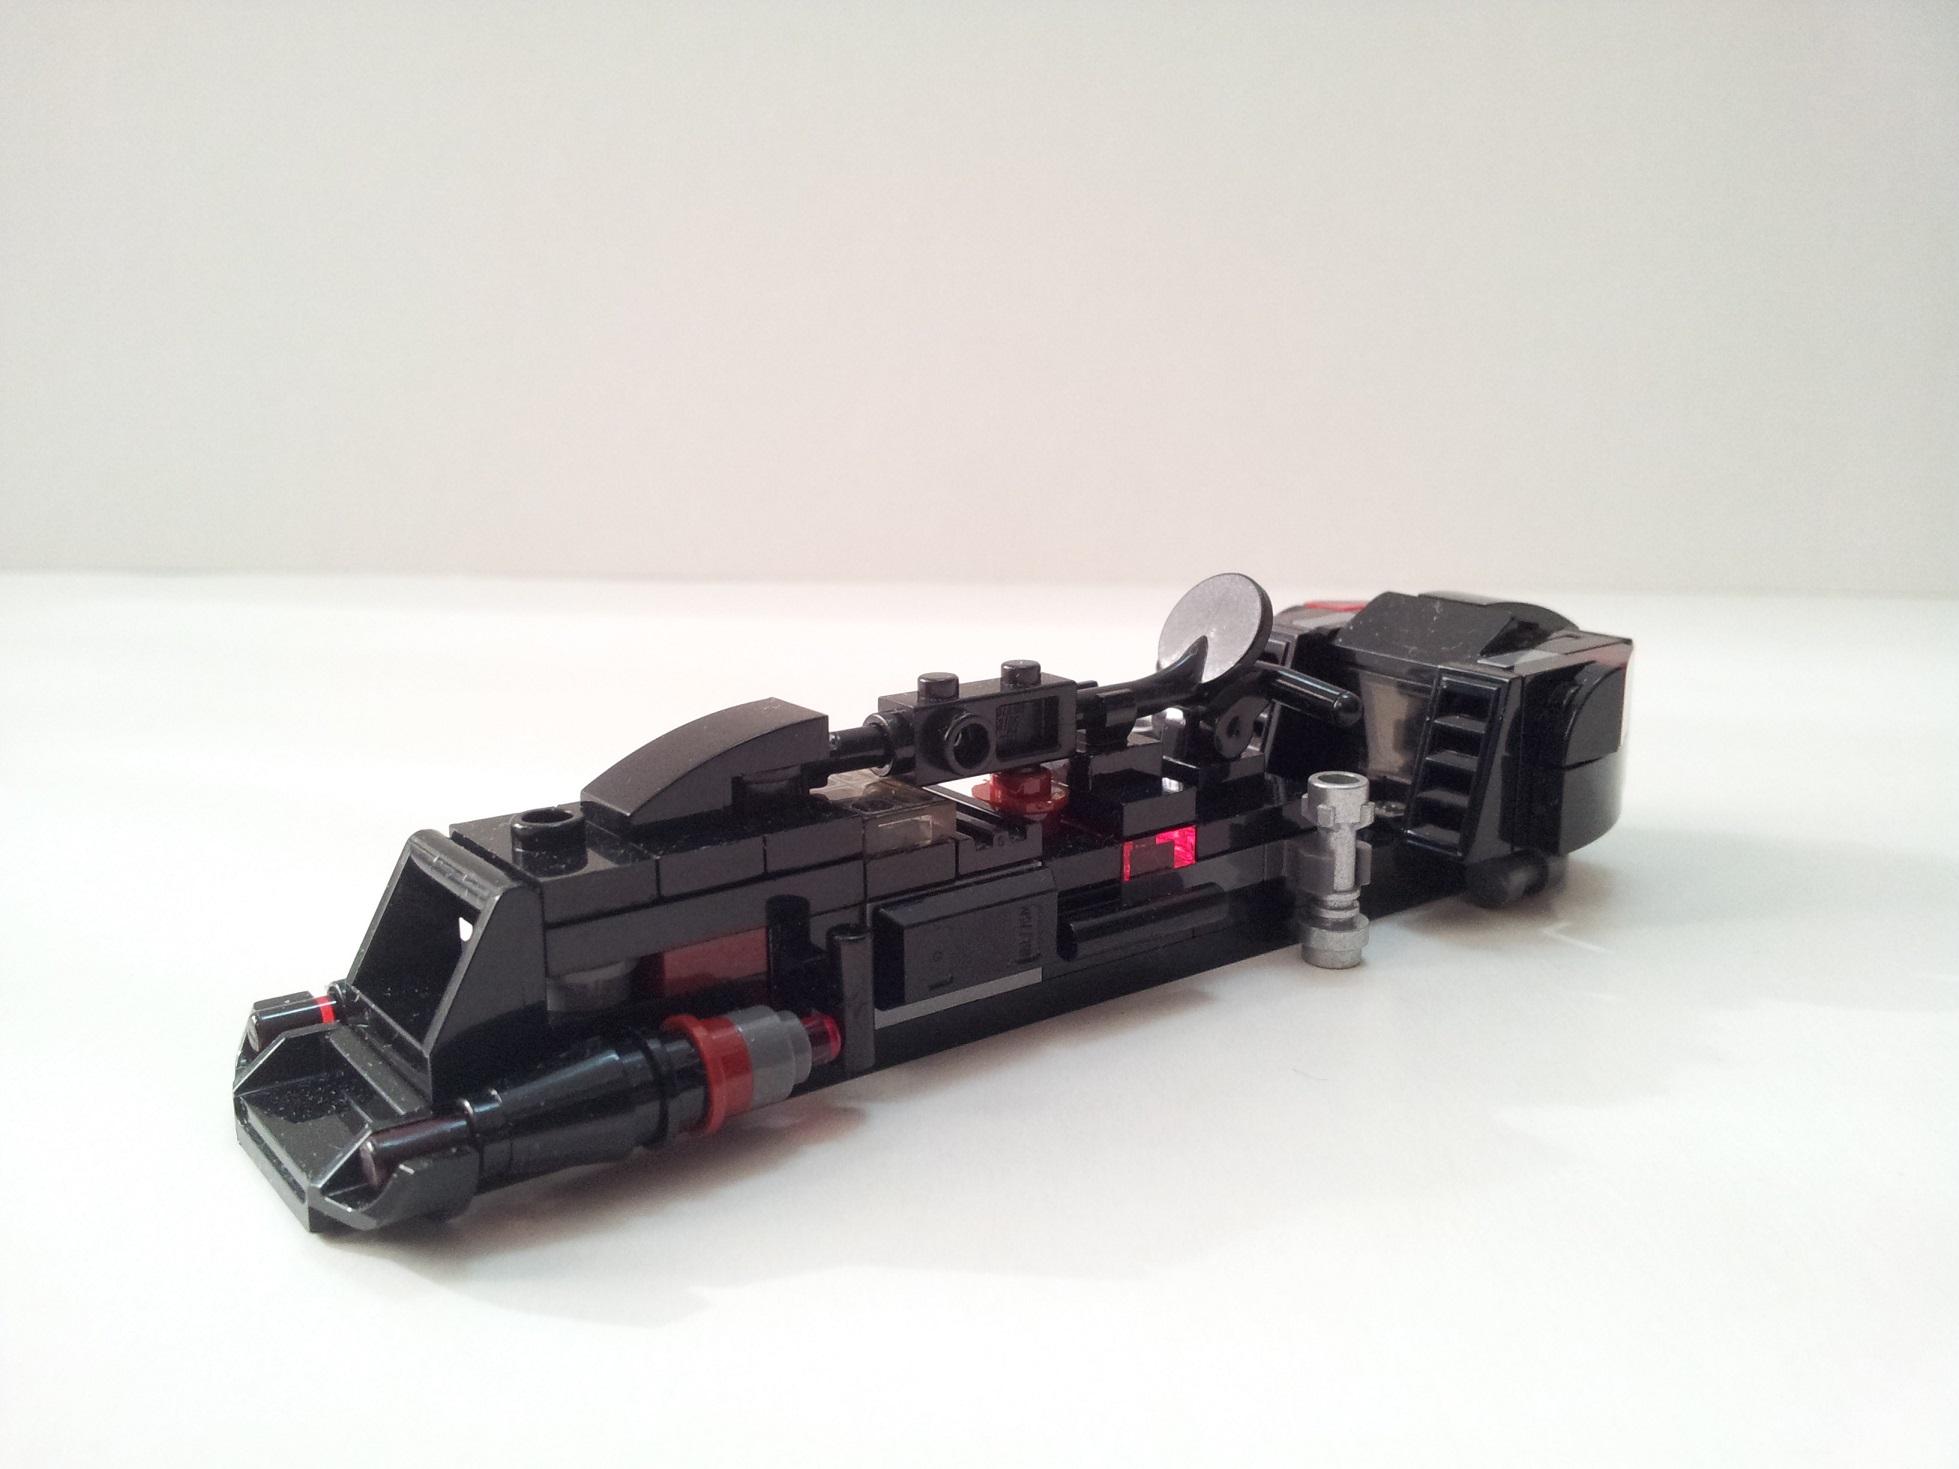 Star Wars Sith Speeder 1